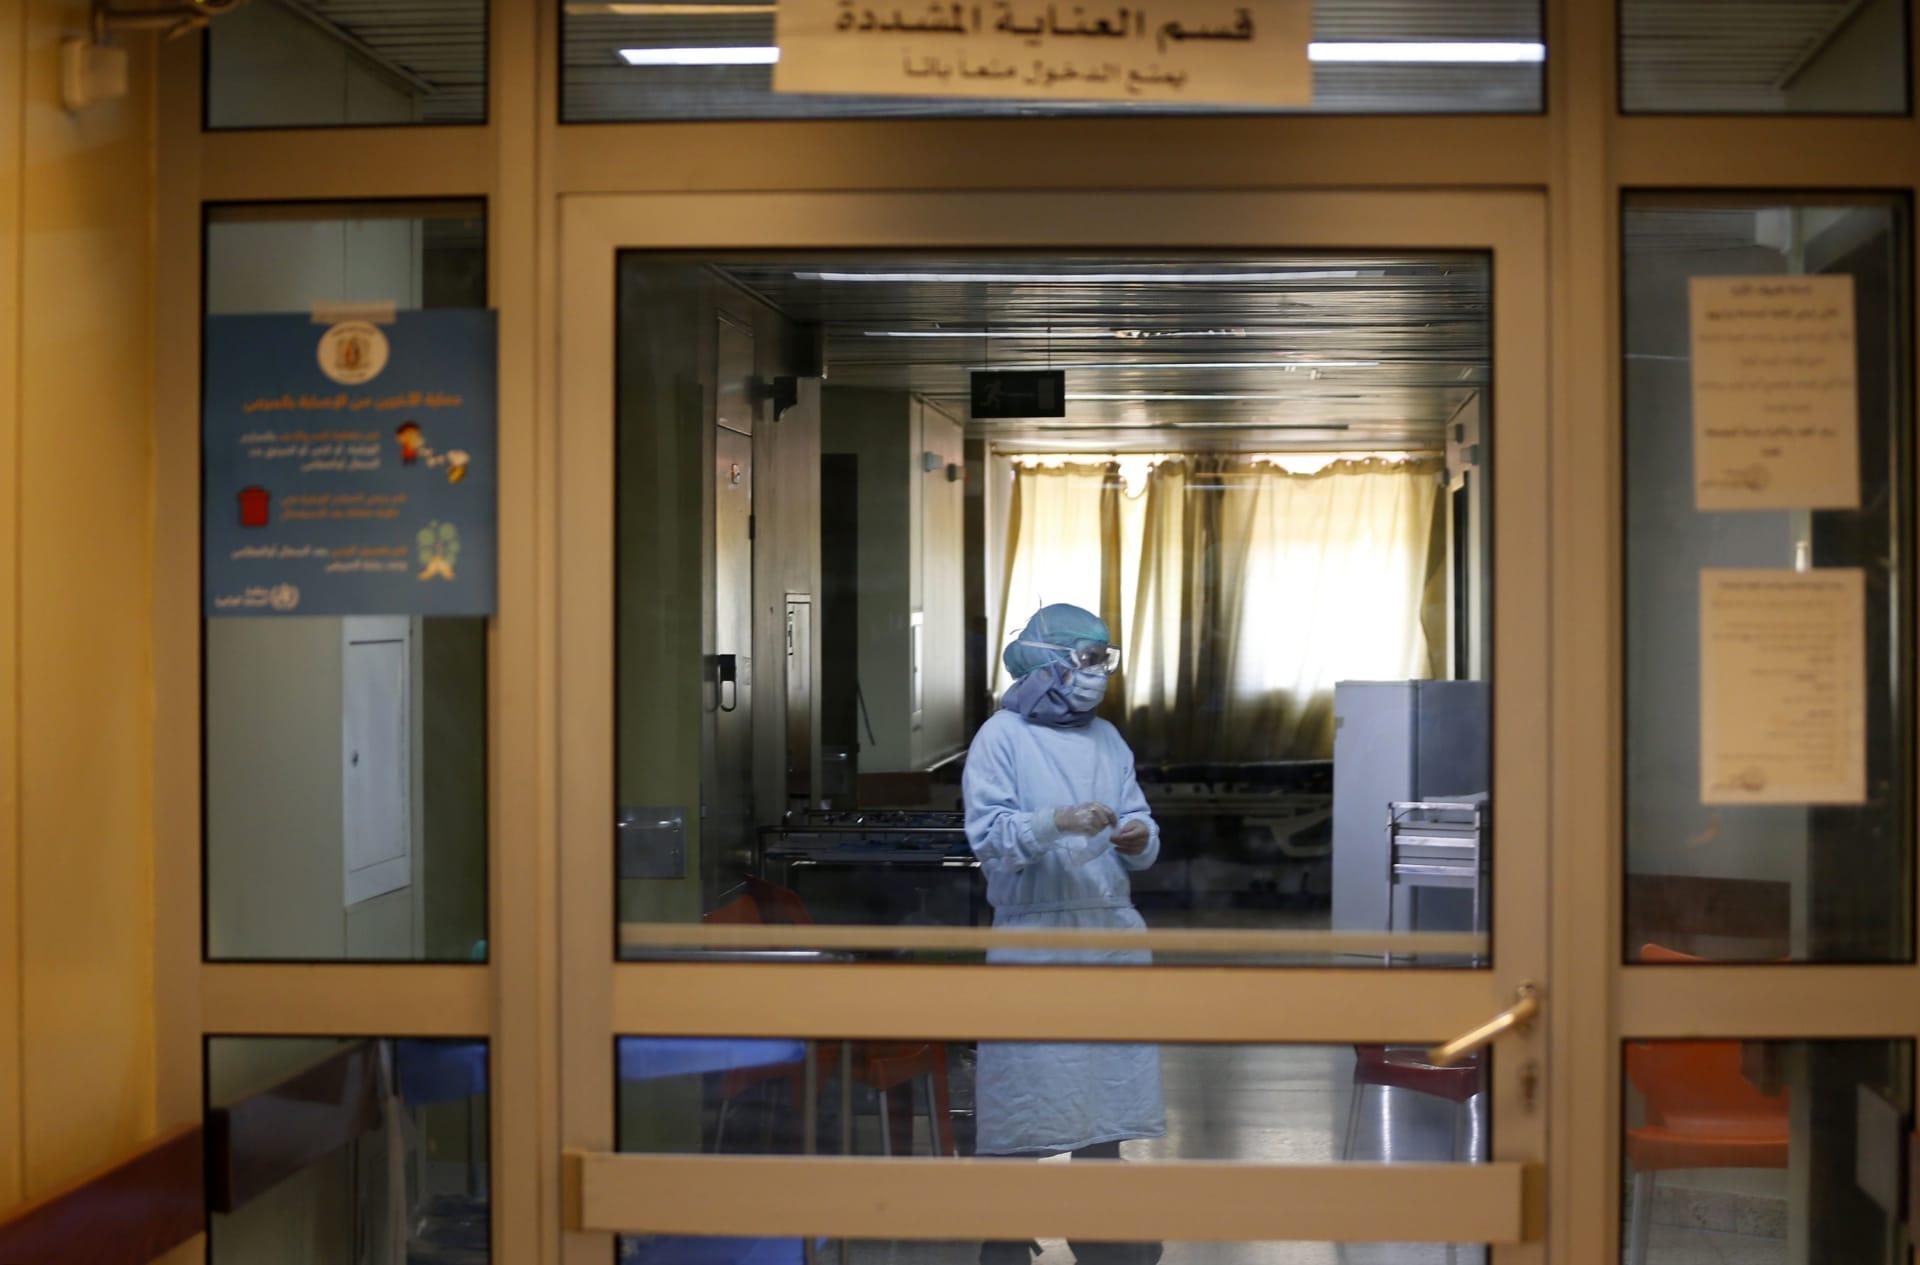 سوريا: إعطاء لقاح كورونا للعاملين في الخطوط الأمامية لمواجهة الوباء الأسبوع المقبل